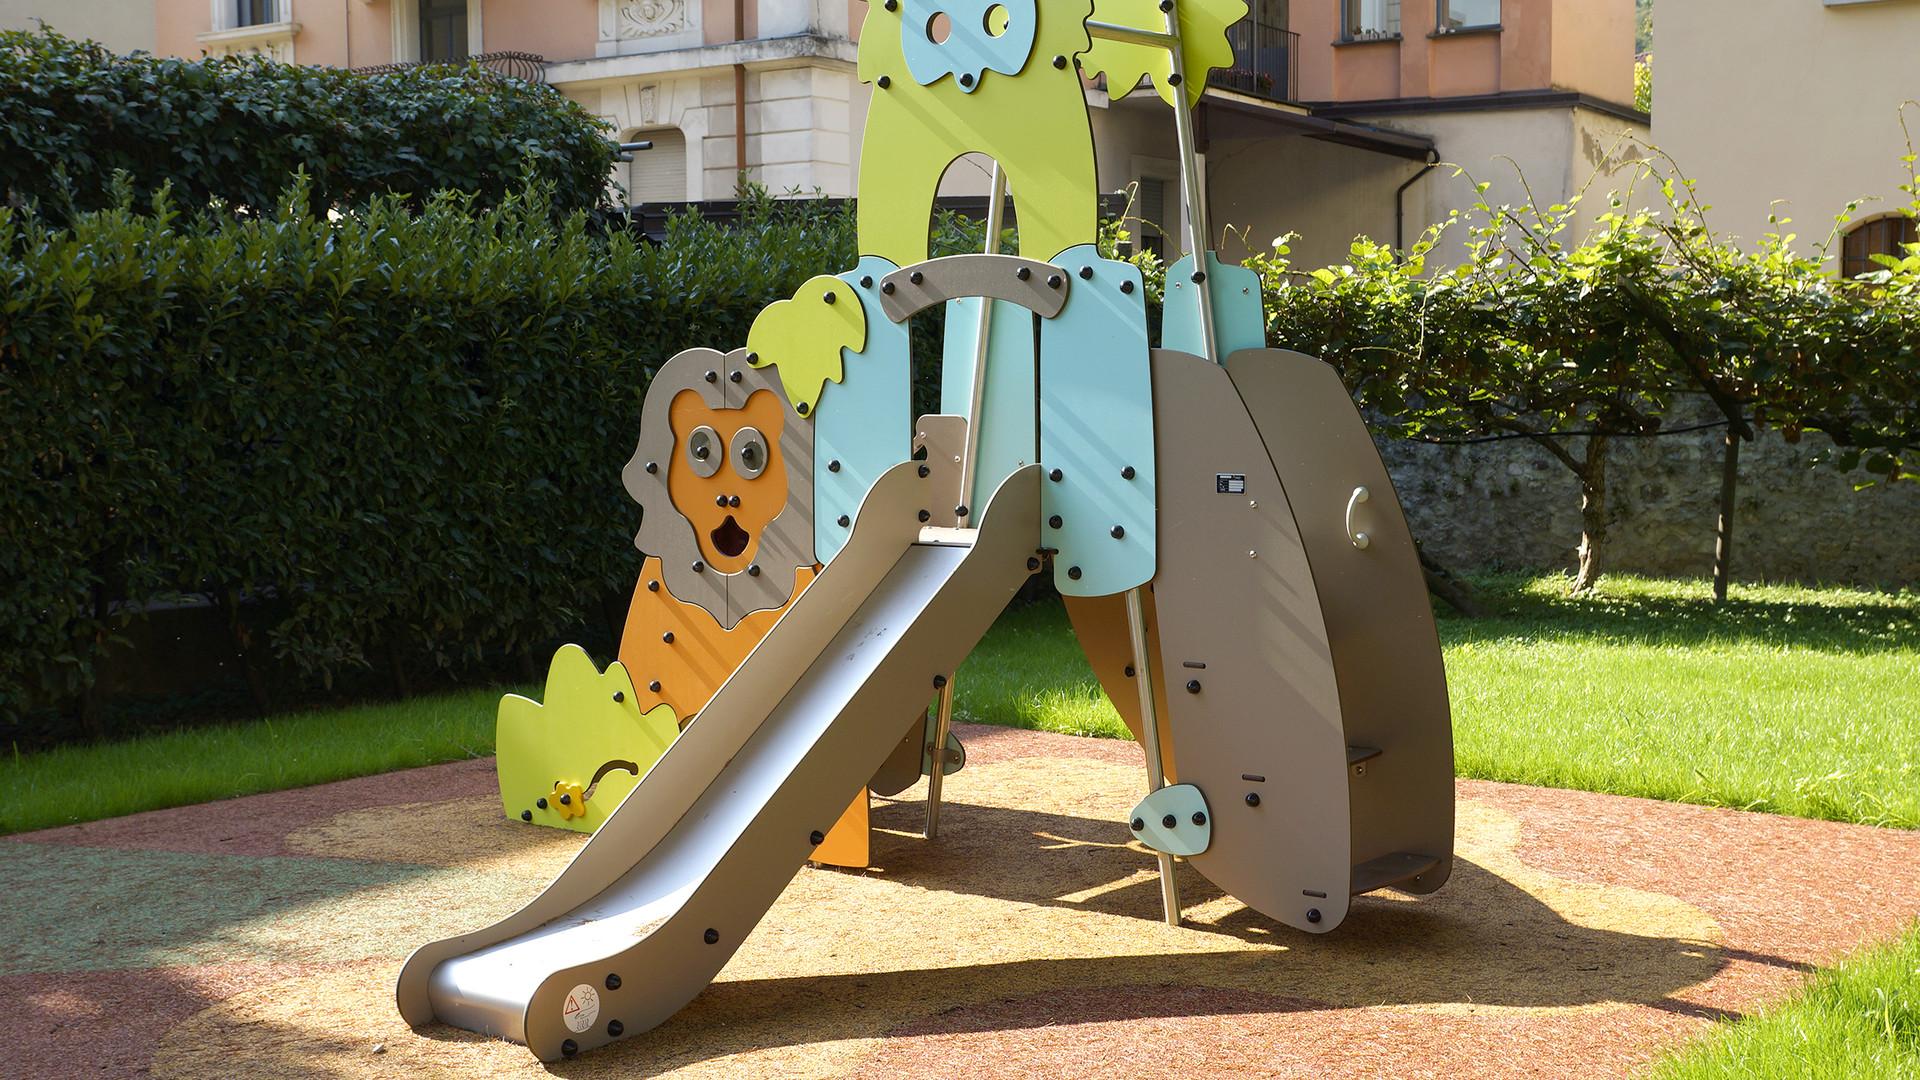 Giochi a Tema,  per bambini dai 2 agli 8 anni,  formidabile invito alla favola e alla fantasia, per trasformare il parco giochi in un teatro all'aria aperta.